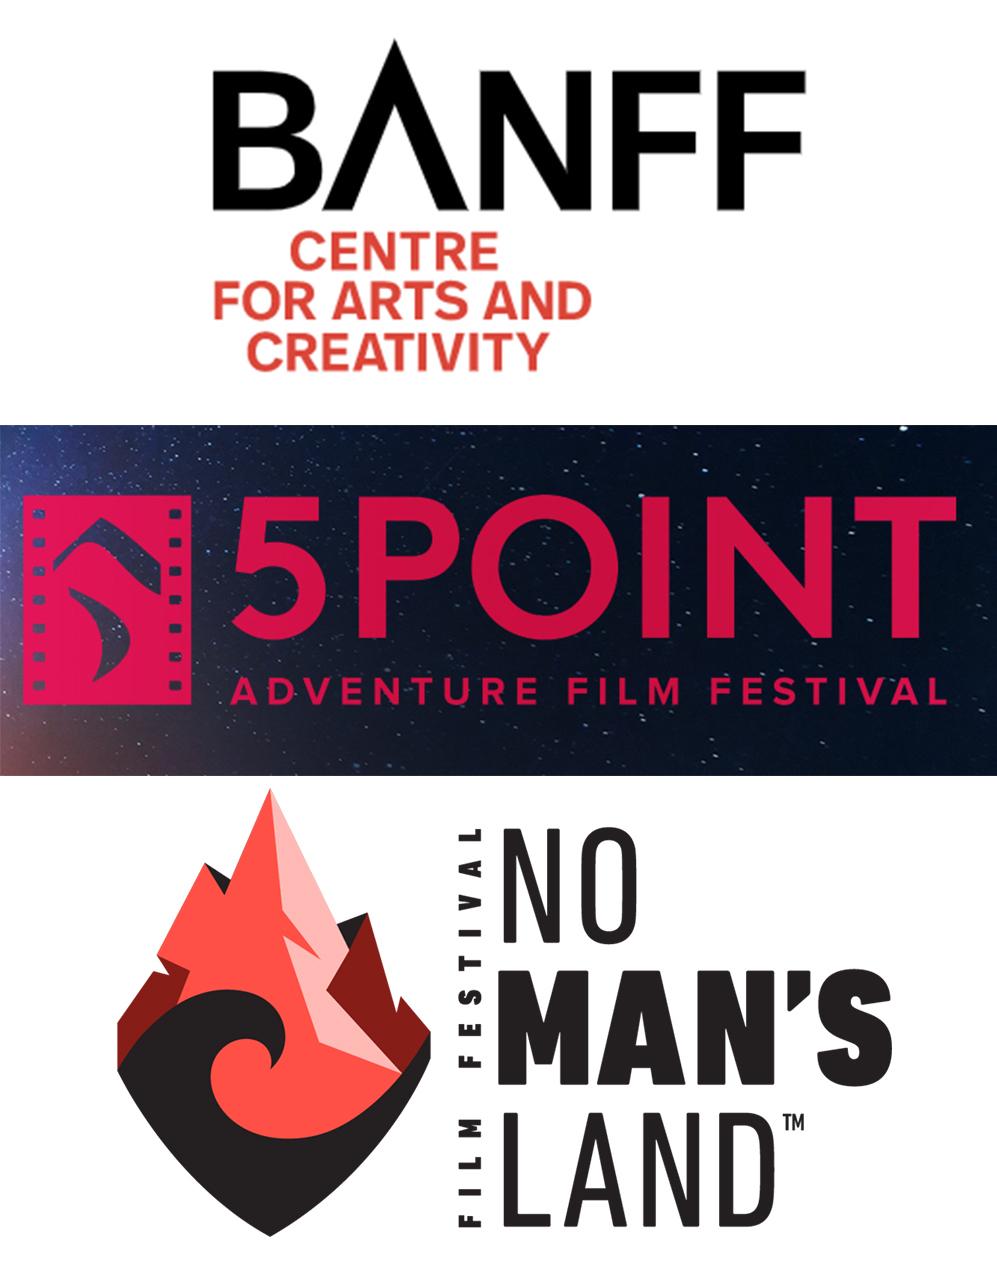 film fest logos